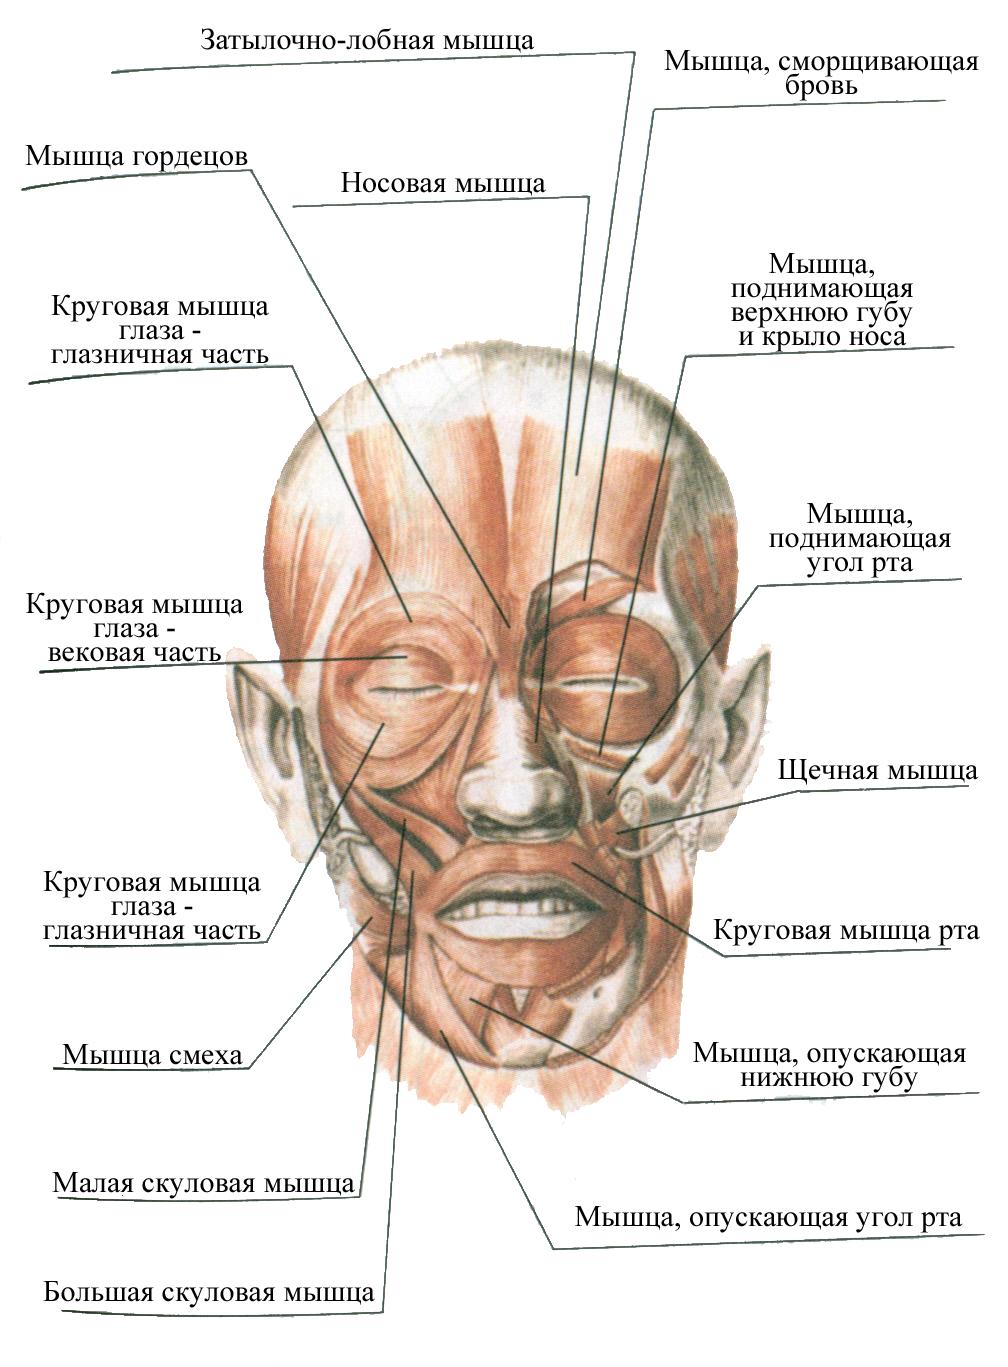 мышцы лица фото с описанием и схемами включаются таймеру времени